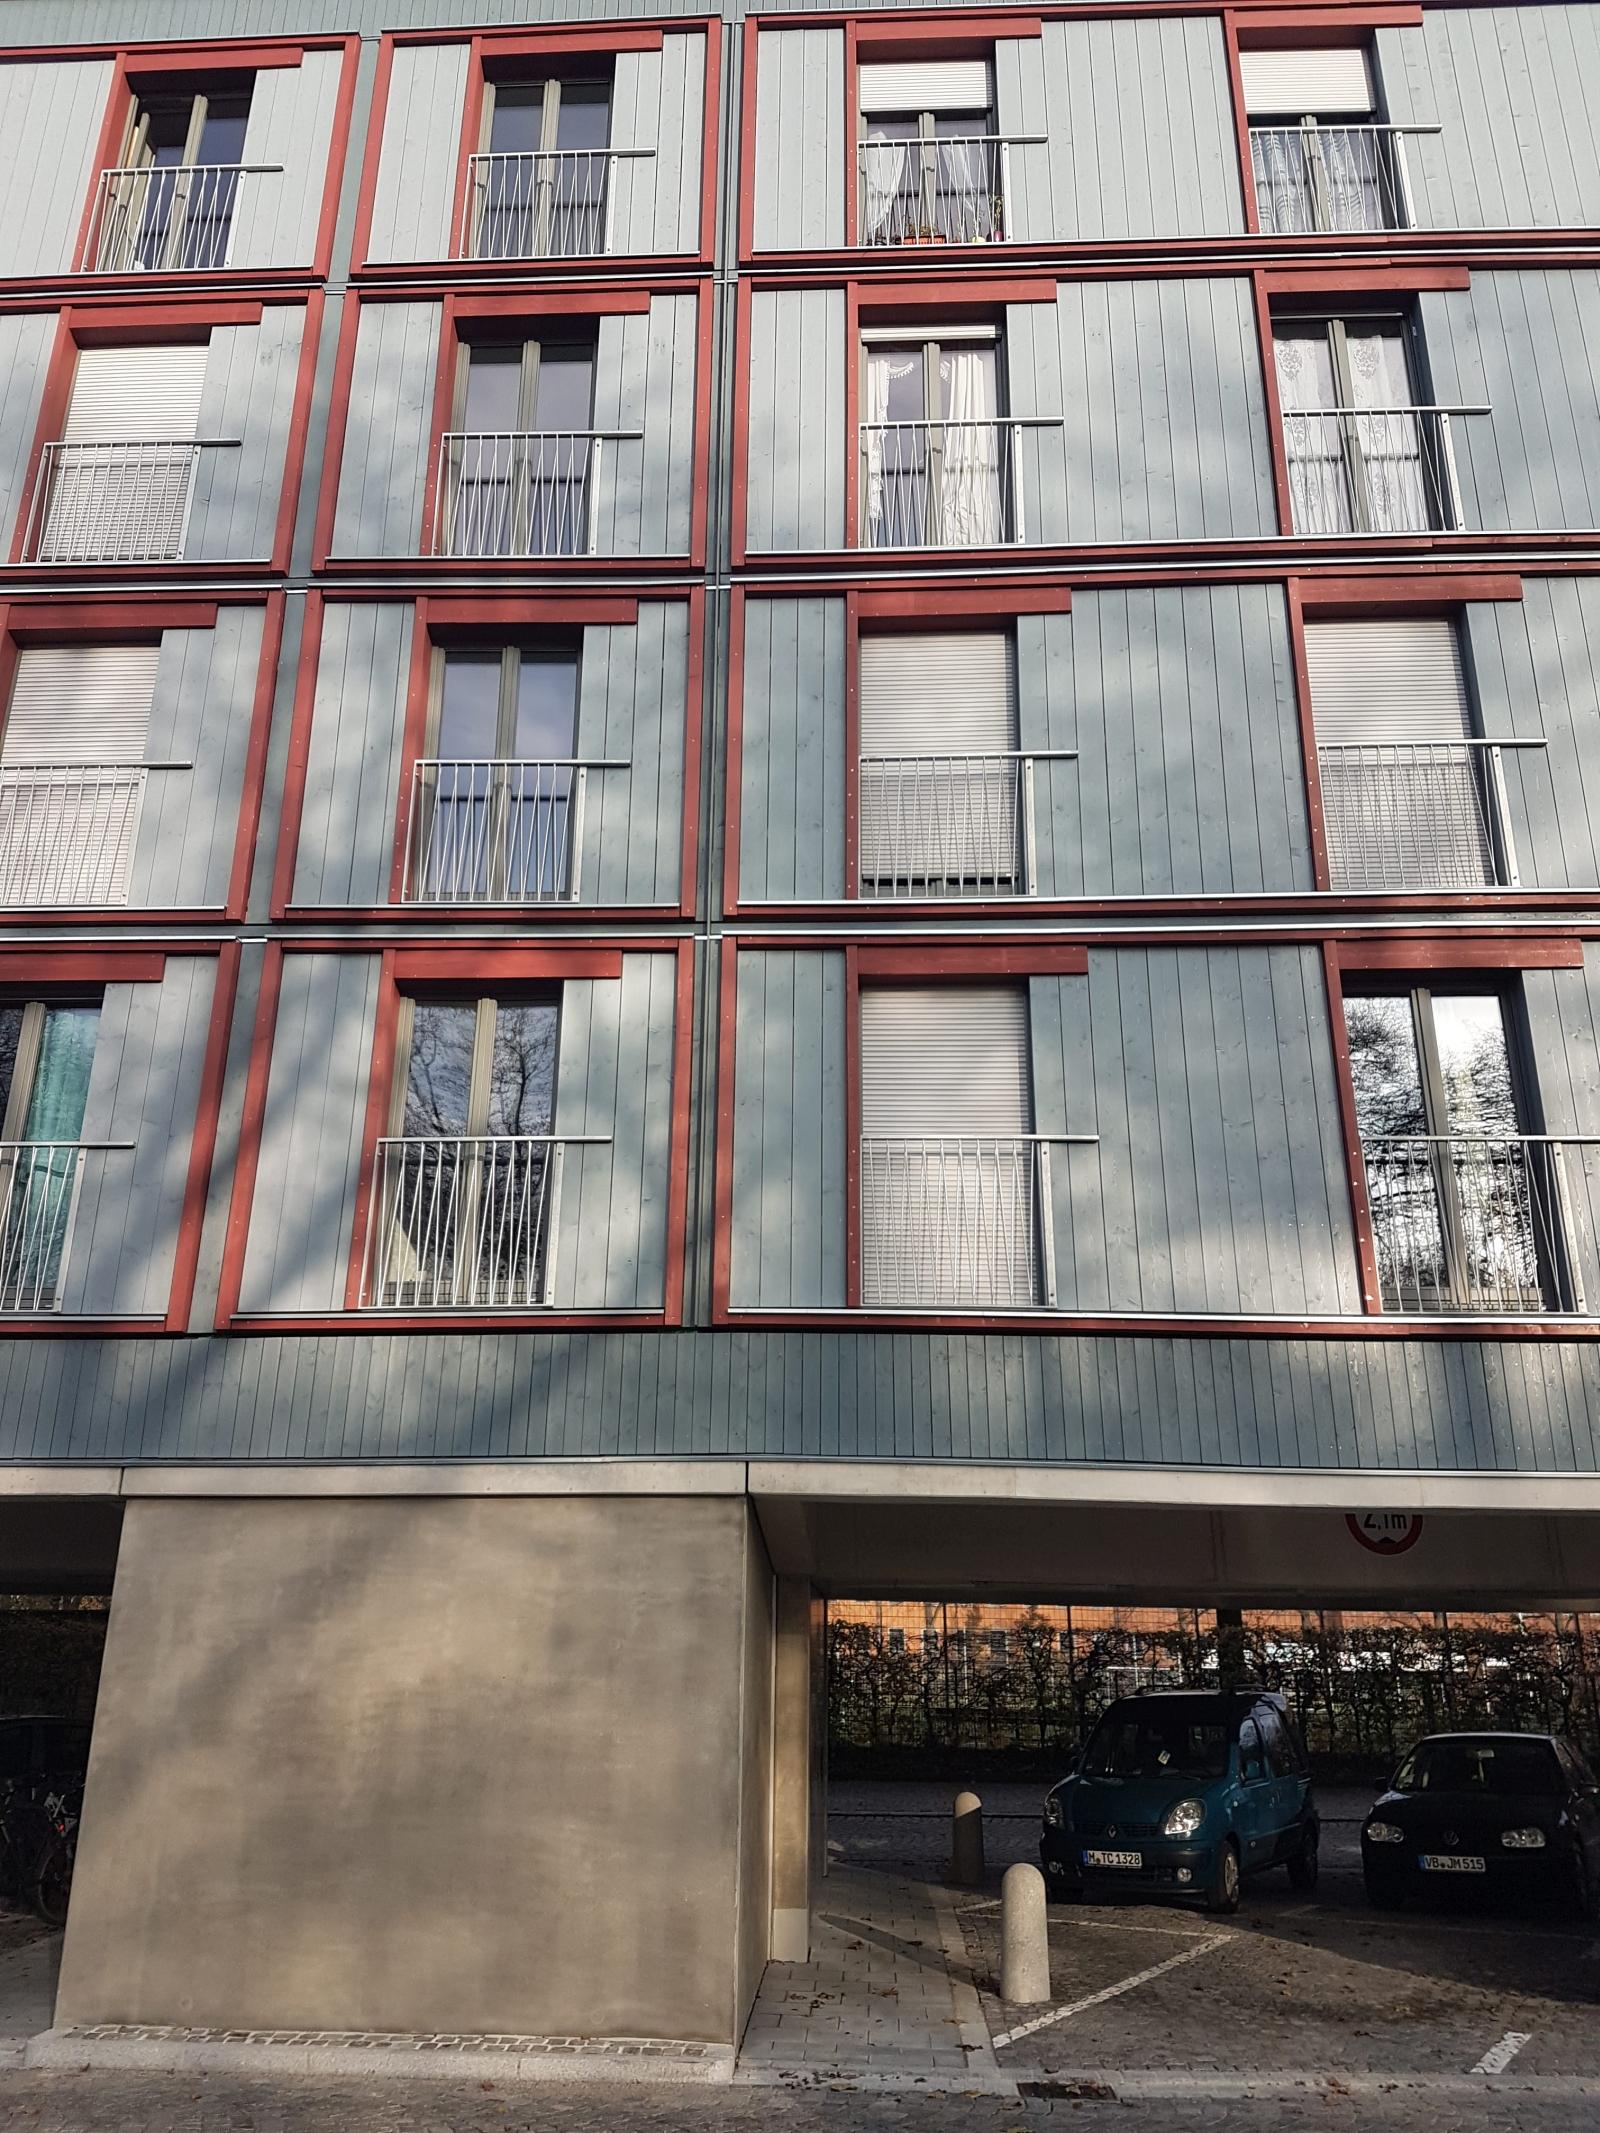 Dantebad München Überbauung Parkplatz bezahlbarer Wohnraum Holzsystembauweise